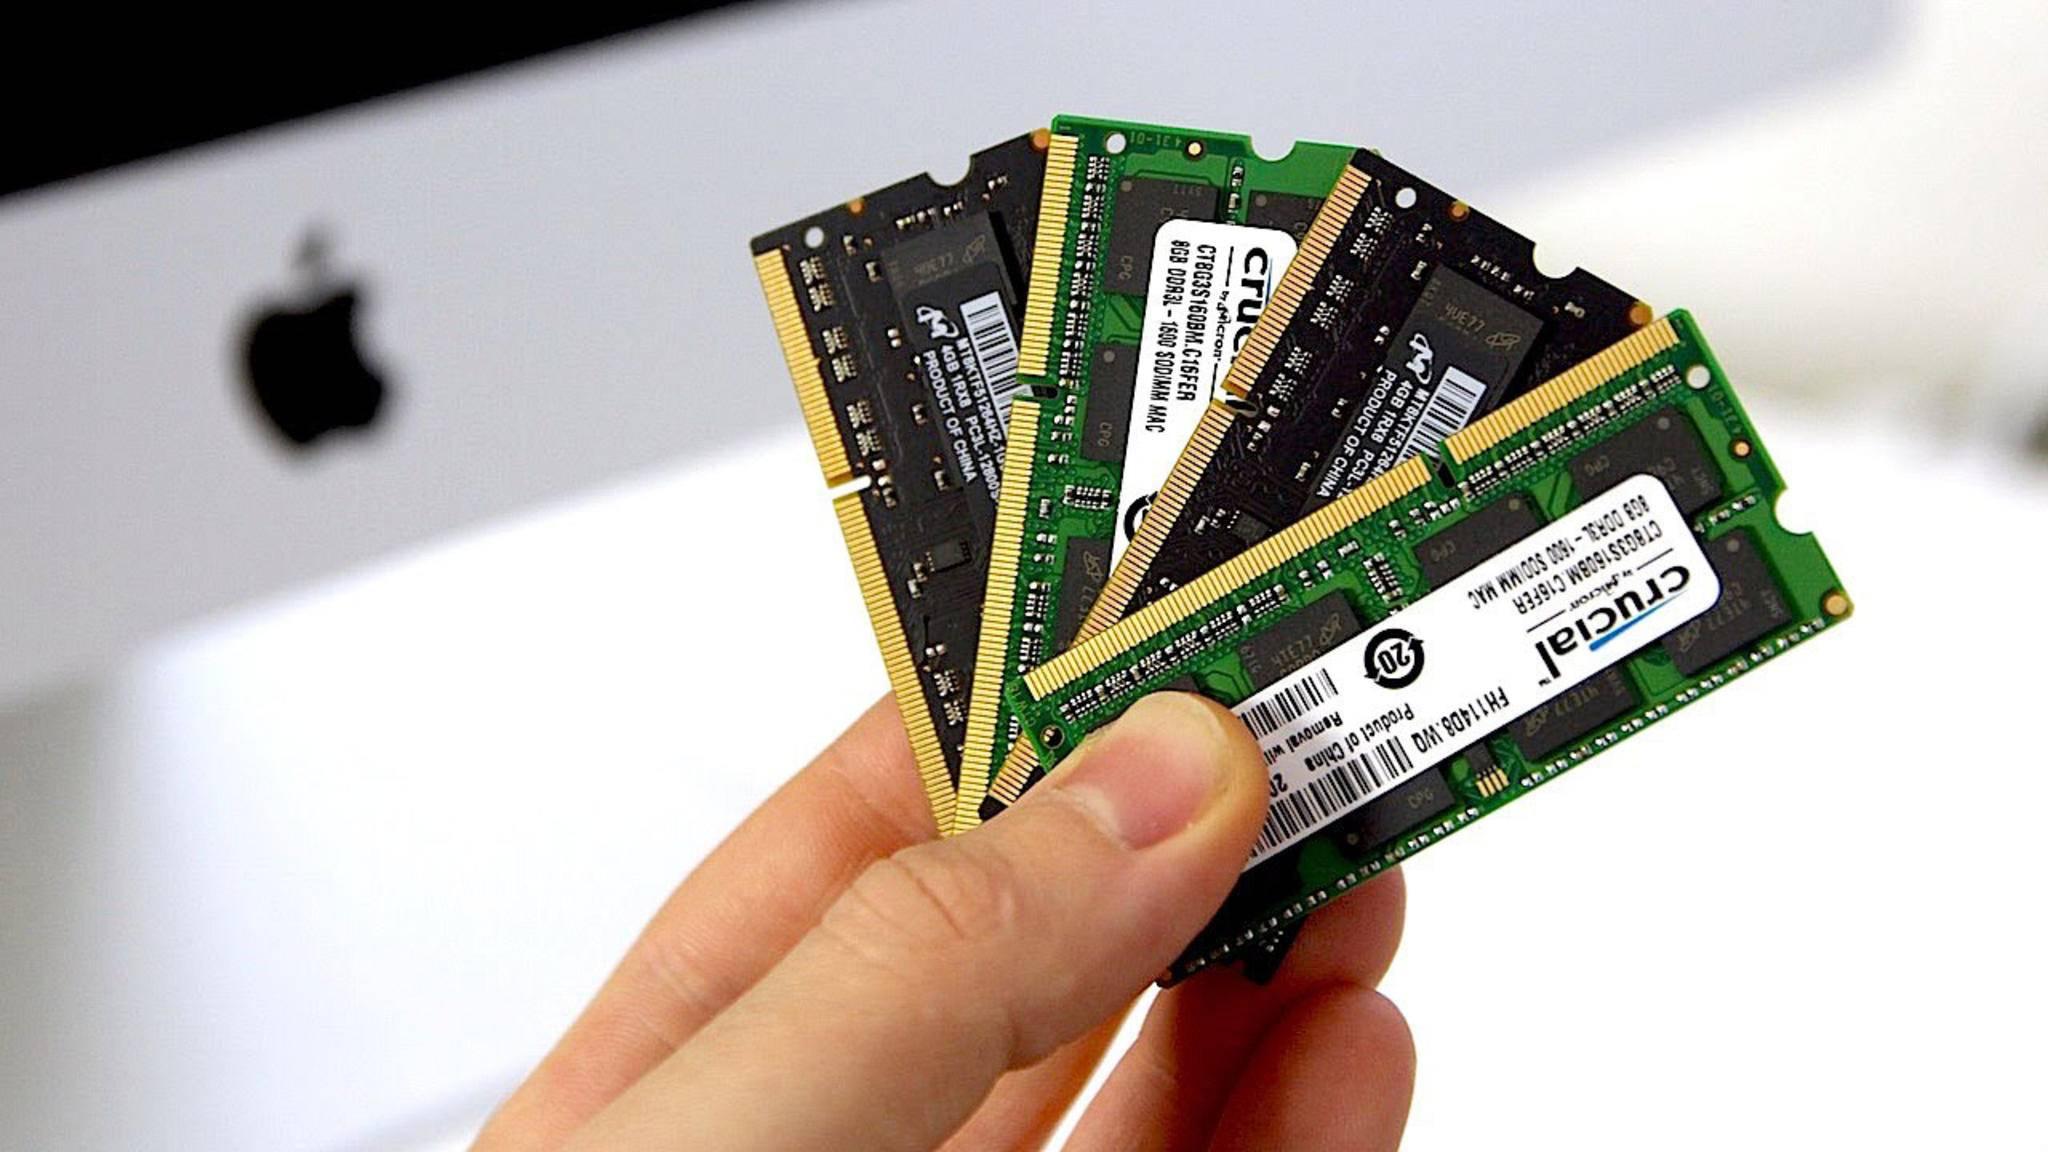 RAM aufrüsten beim neuen iMac? Das ist grundsätzlich möglich – aber nur für Profis.